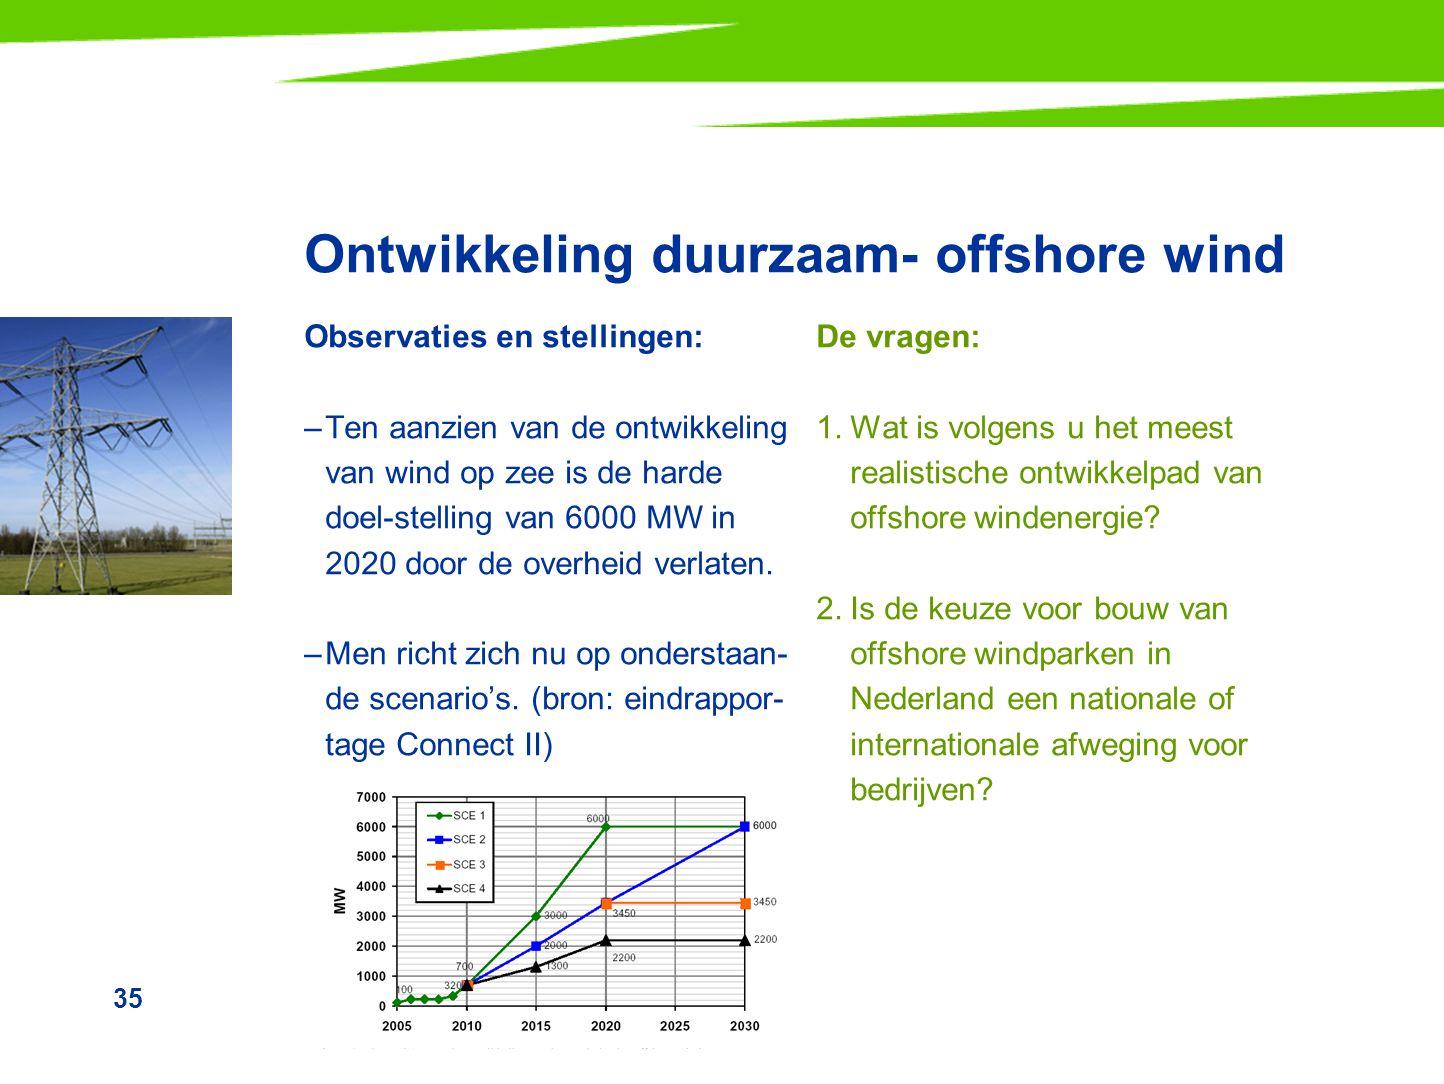 35 Ontwikkeling duurzaam- offshore wind Observaties en stellingen: –Ten aanzien van de ontwikkeling van wind op zee is de harde doel-stelling van 6000